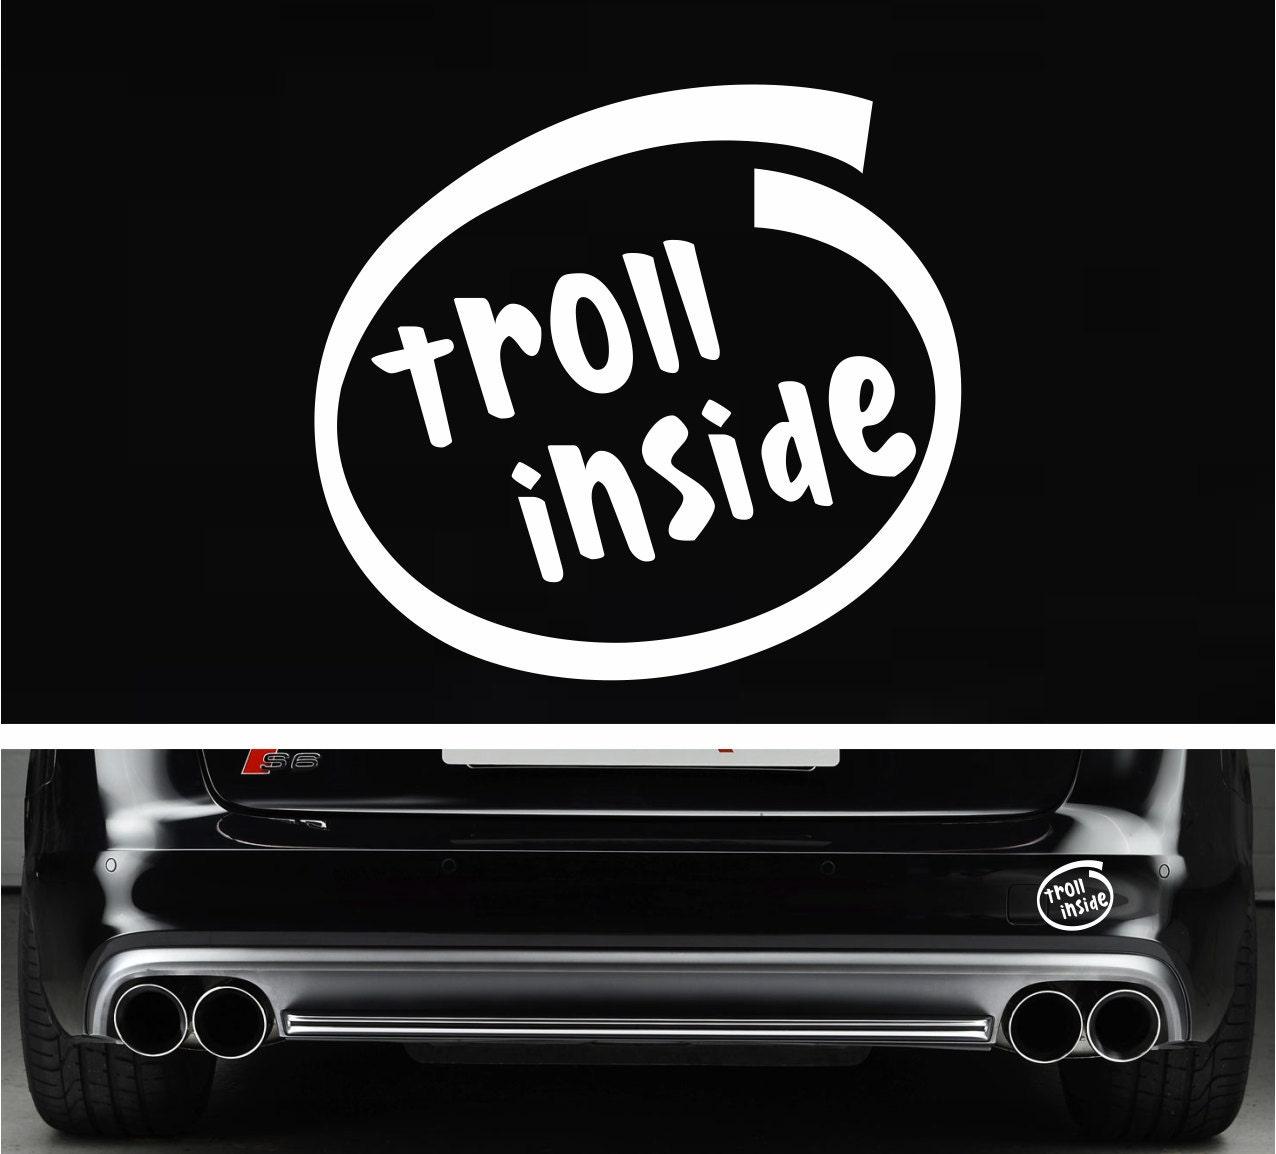 Car bumper sticker designs - Troll Inside Funny Bumper Sticker Vinyl Decal Car Truck Decal Troll Sticker Meme Sticker Jdm Decal Dope Decal For Mitsubishi Honda Bmw